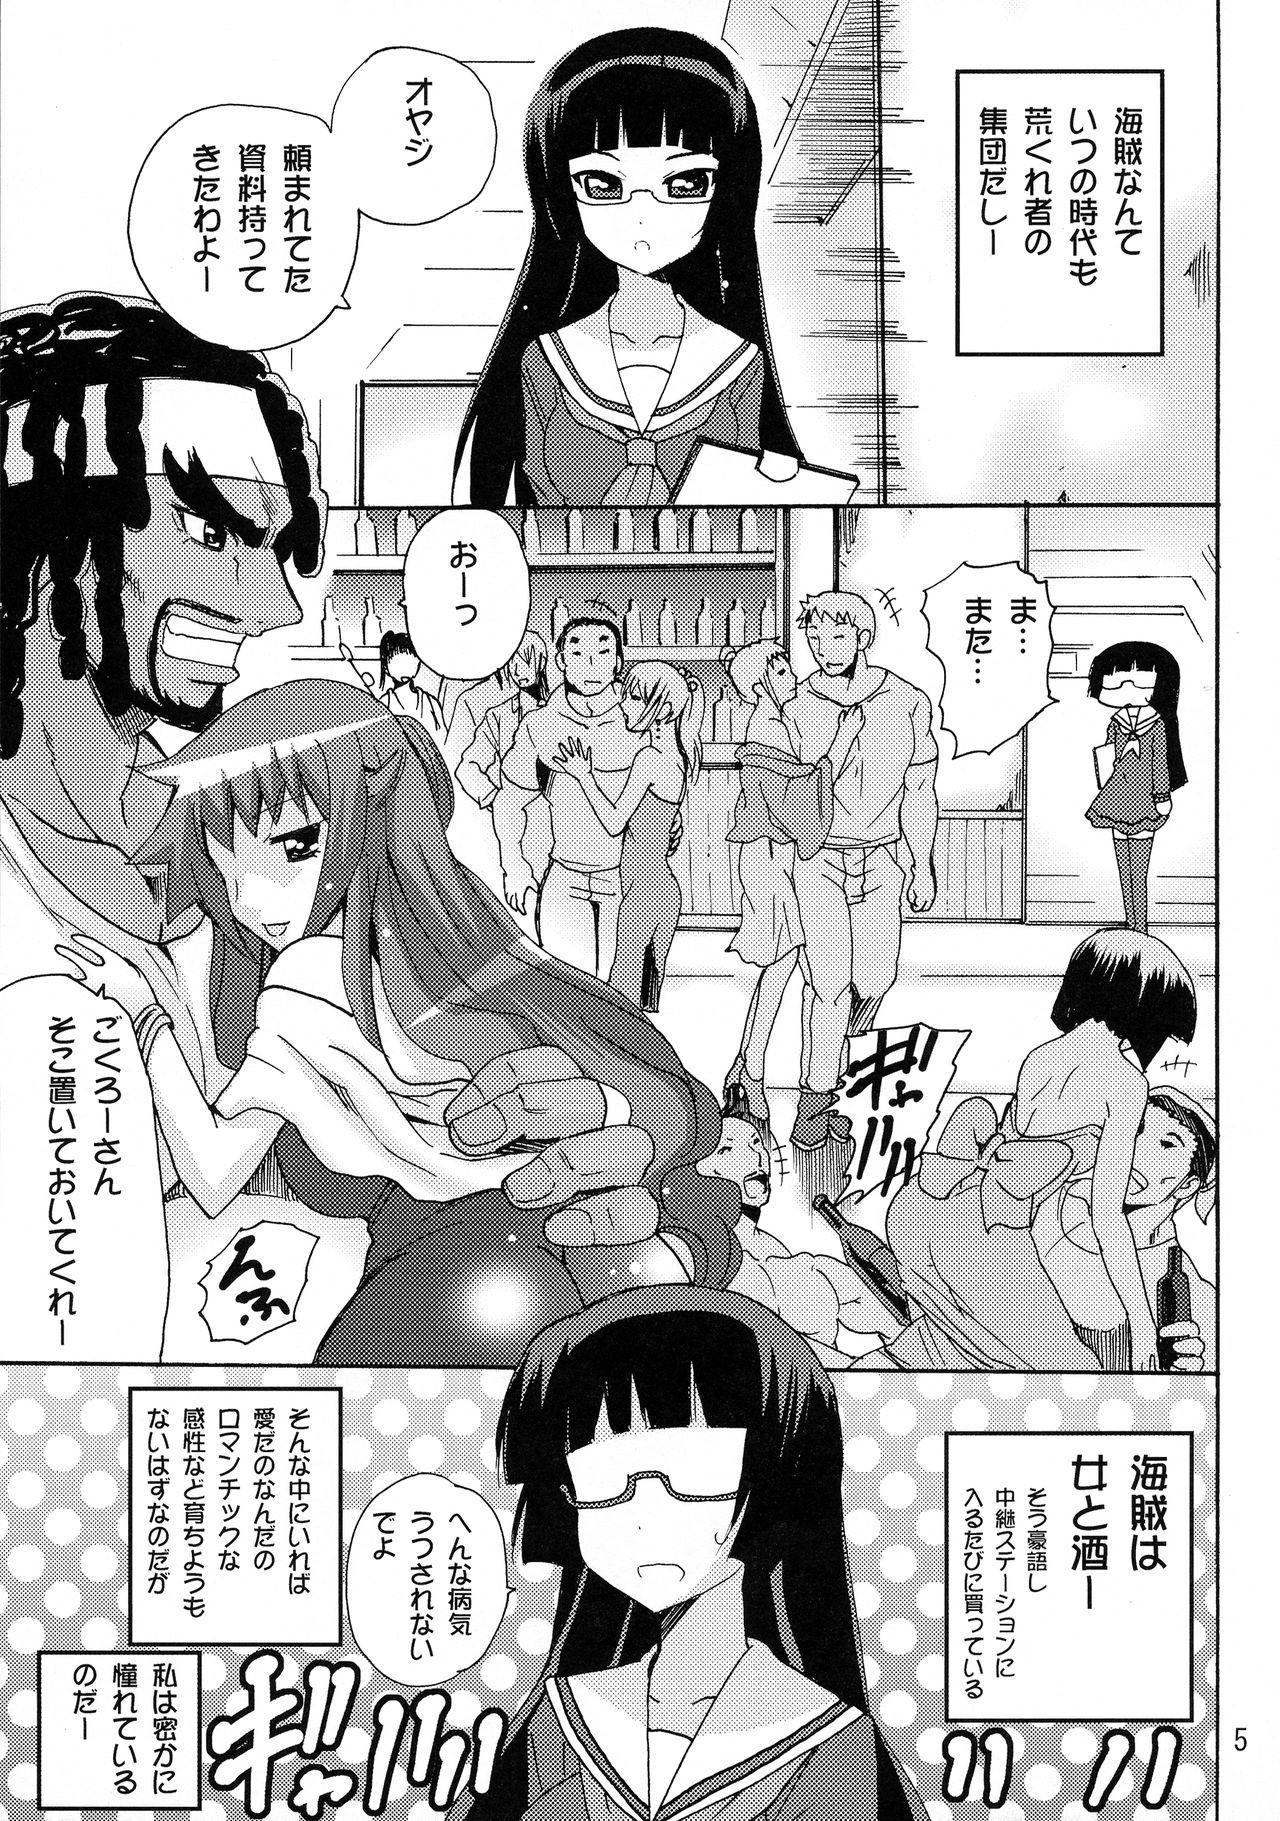 Koisuru Uchuu Kaizoku Musume 4